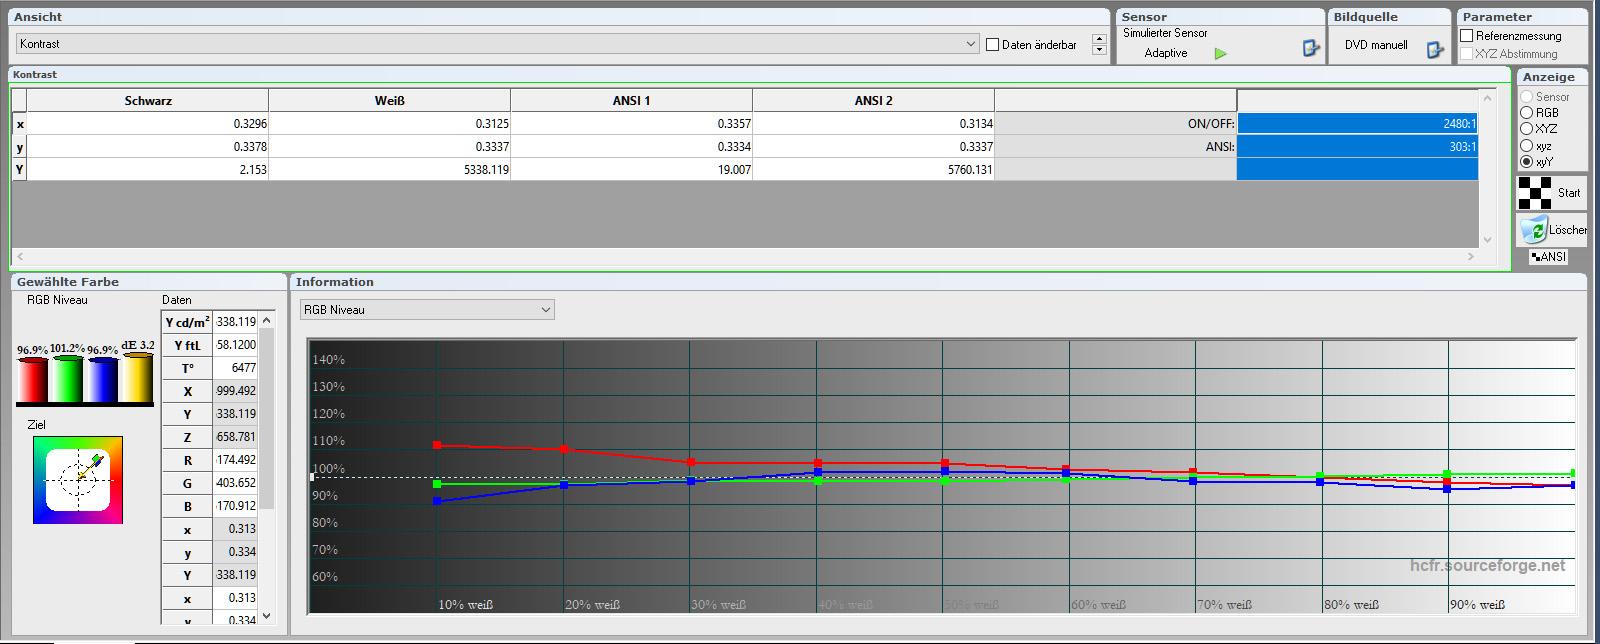 Bildmodus Cinema – Werkseinstellung: Die Tabelle weist auf den ersten Blick sichtbar aus, wie gut der Graustufenverlauf bereits Out-of-the-Box ist. Grautreppen und Schwarz/Weiß-Filme erscheinen vollkommen farbneutral. Von 30 – 100 IRE bedarf es praktisch keiner Korrektur. Das RGB-Niveau weicht maximal 3,1 % von der Sollvorgabe ab. Das ist vorbildlich. Der Kontrast ist mit 2480:1 (On/Off - dynamisch) und 303:1 (ANSI) auf Topniveau in dieser Preisklasse.